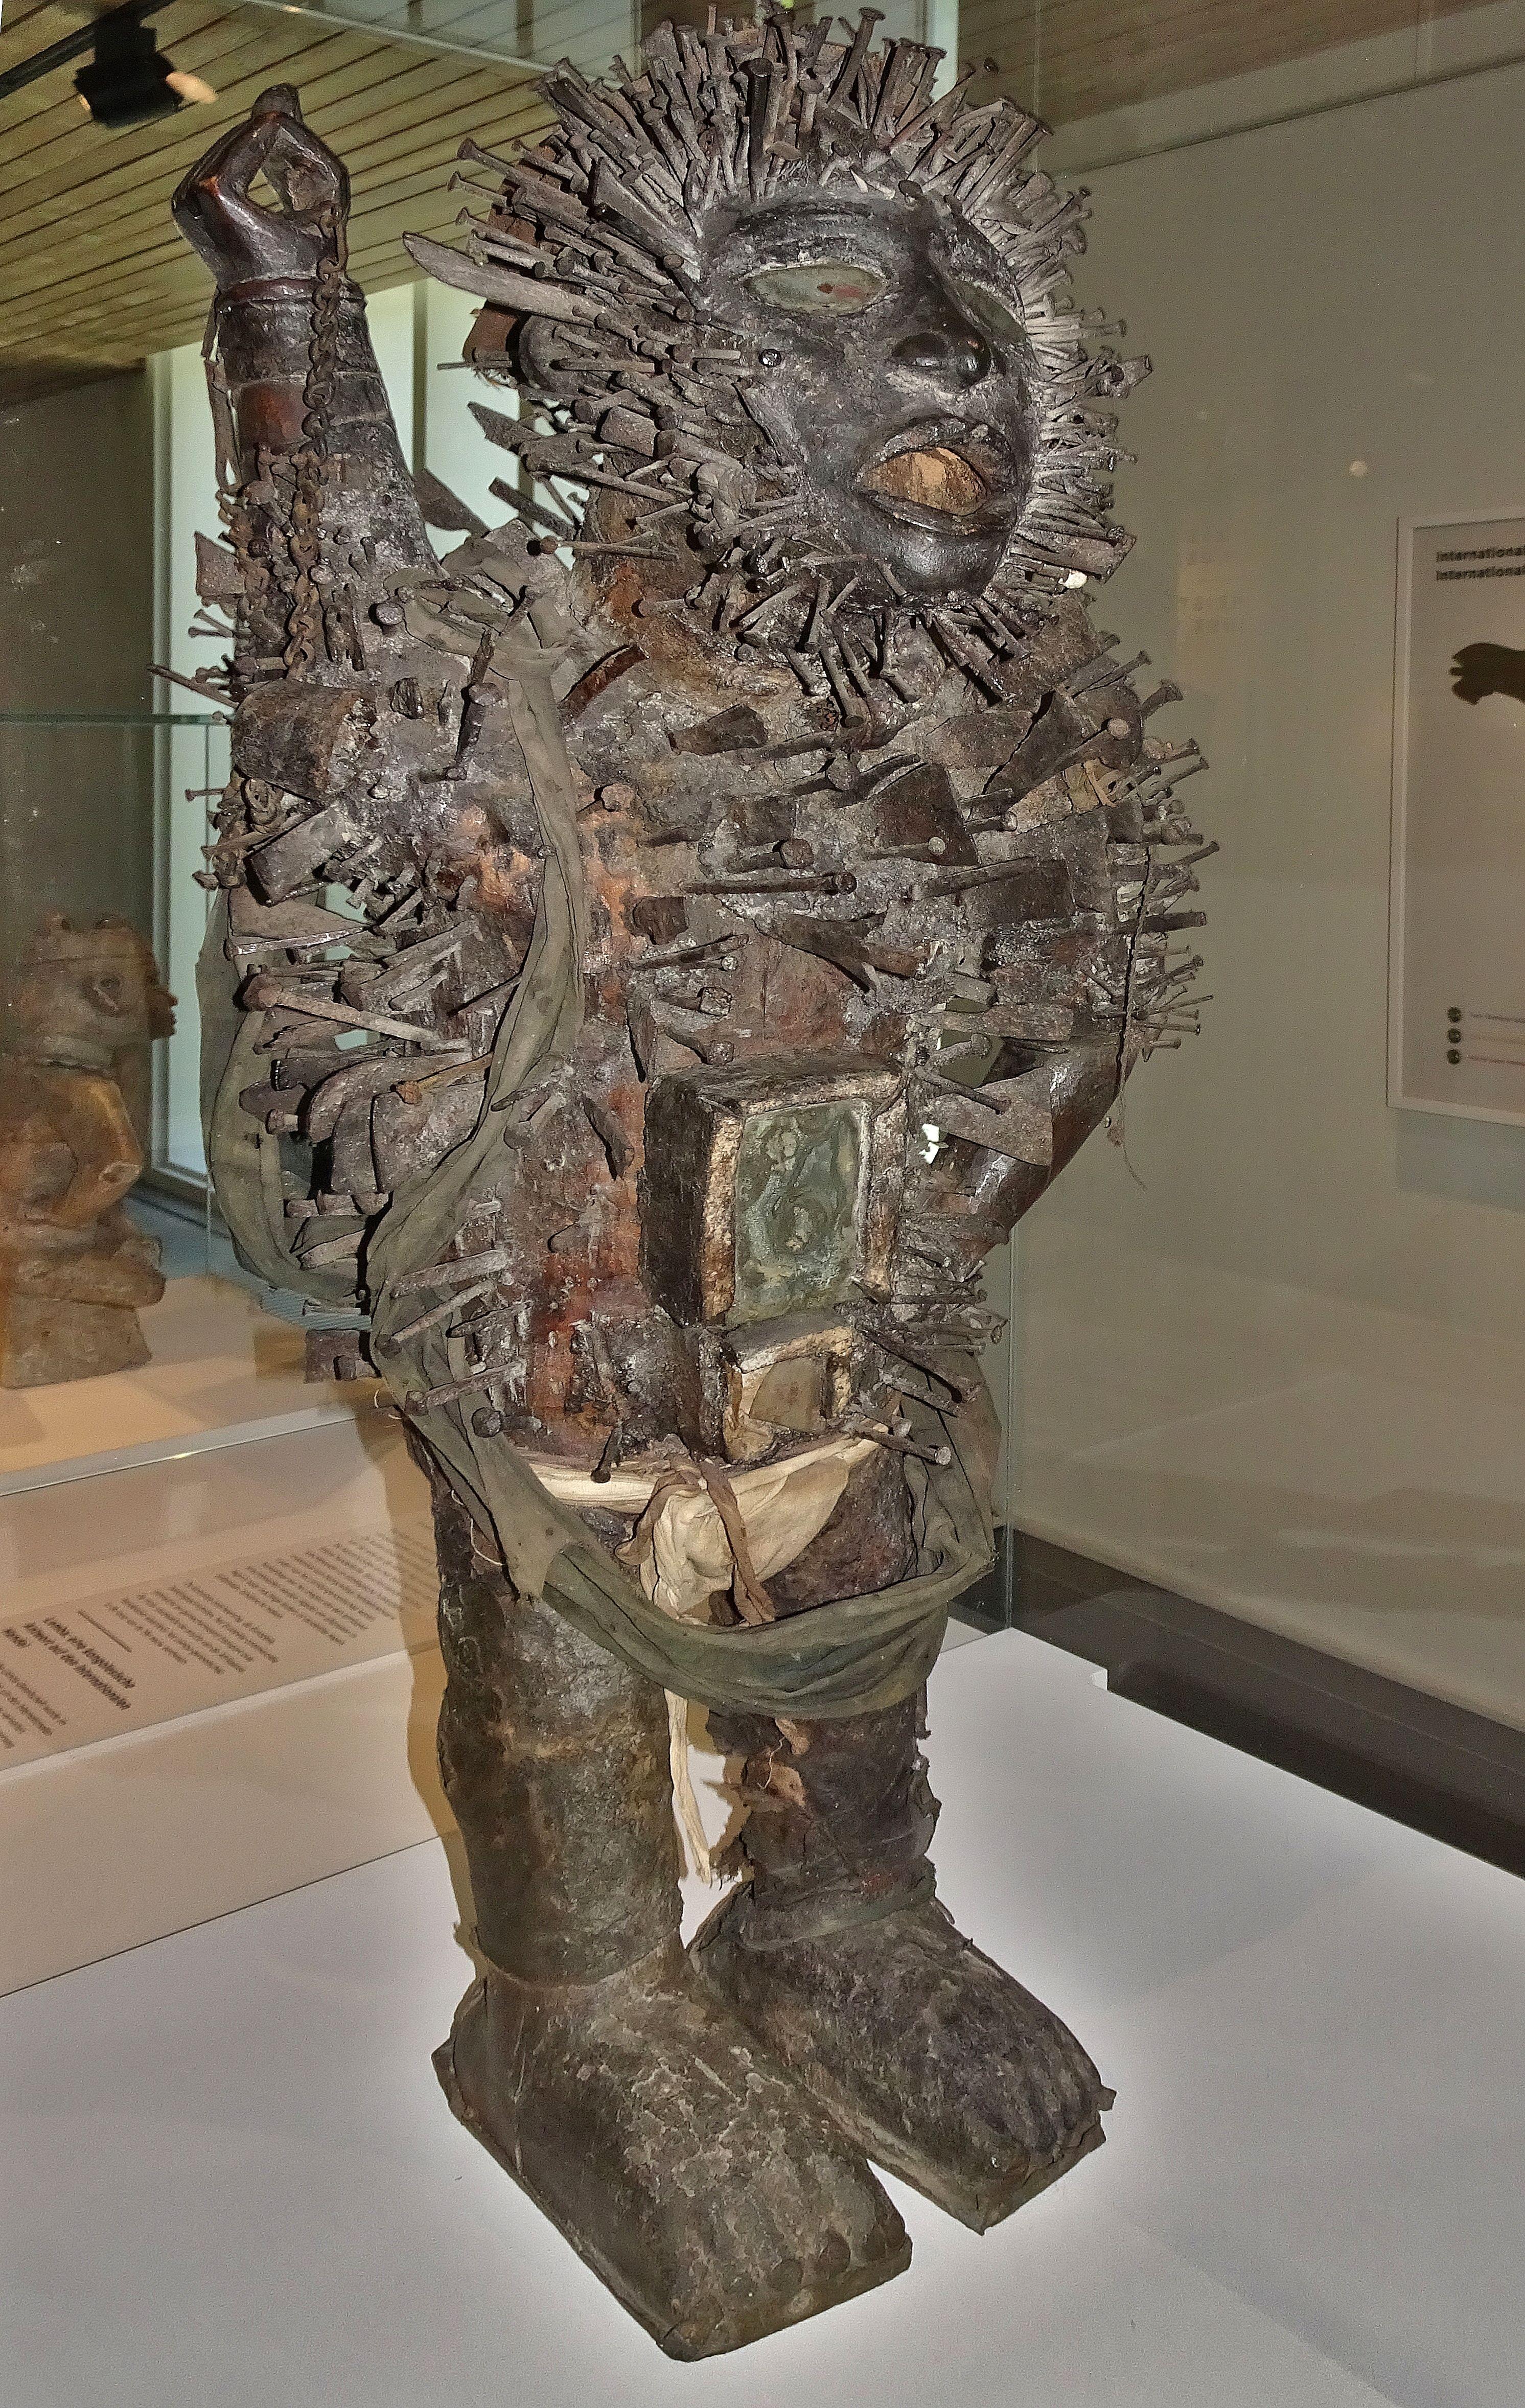 Berg En Dal Afrika Museum Standbeeld Musea Beeldhouwwerk